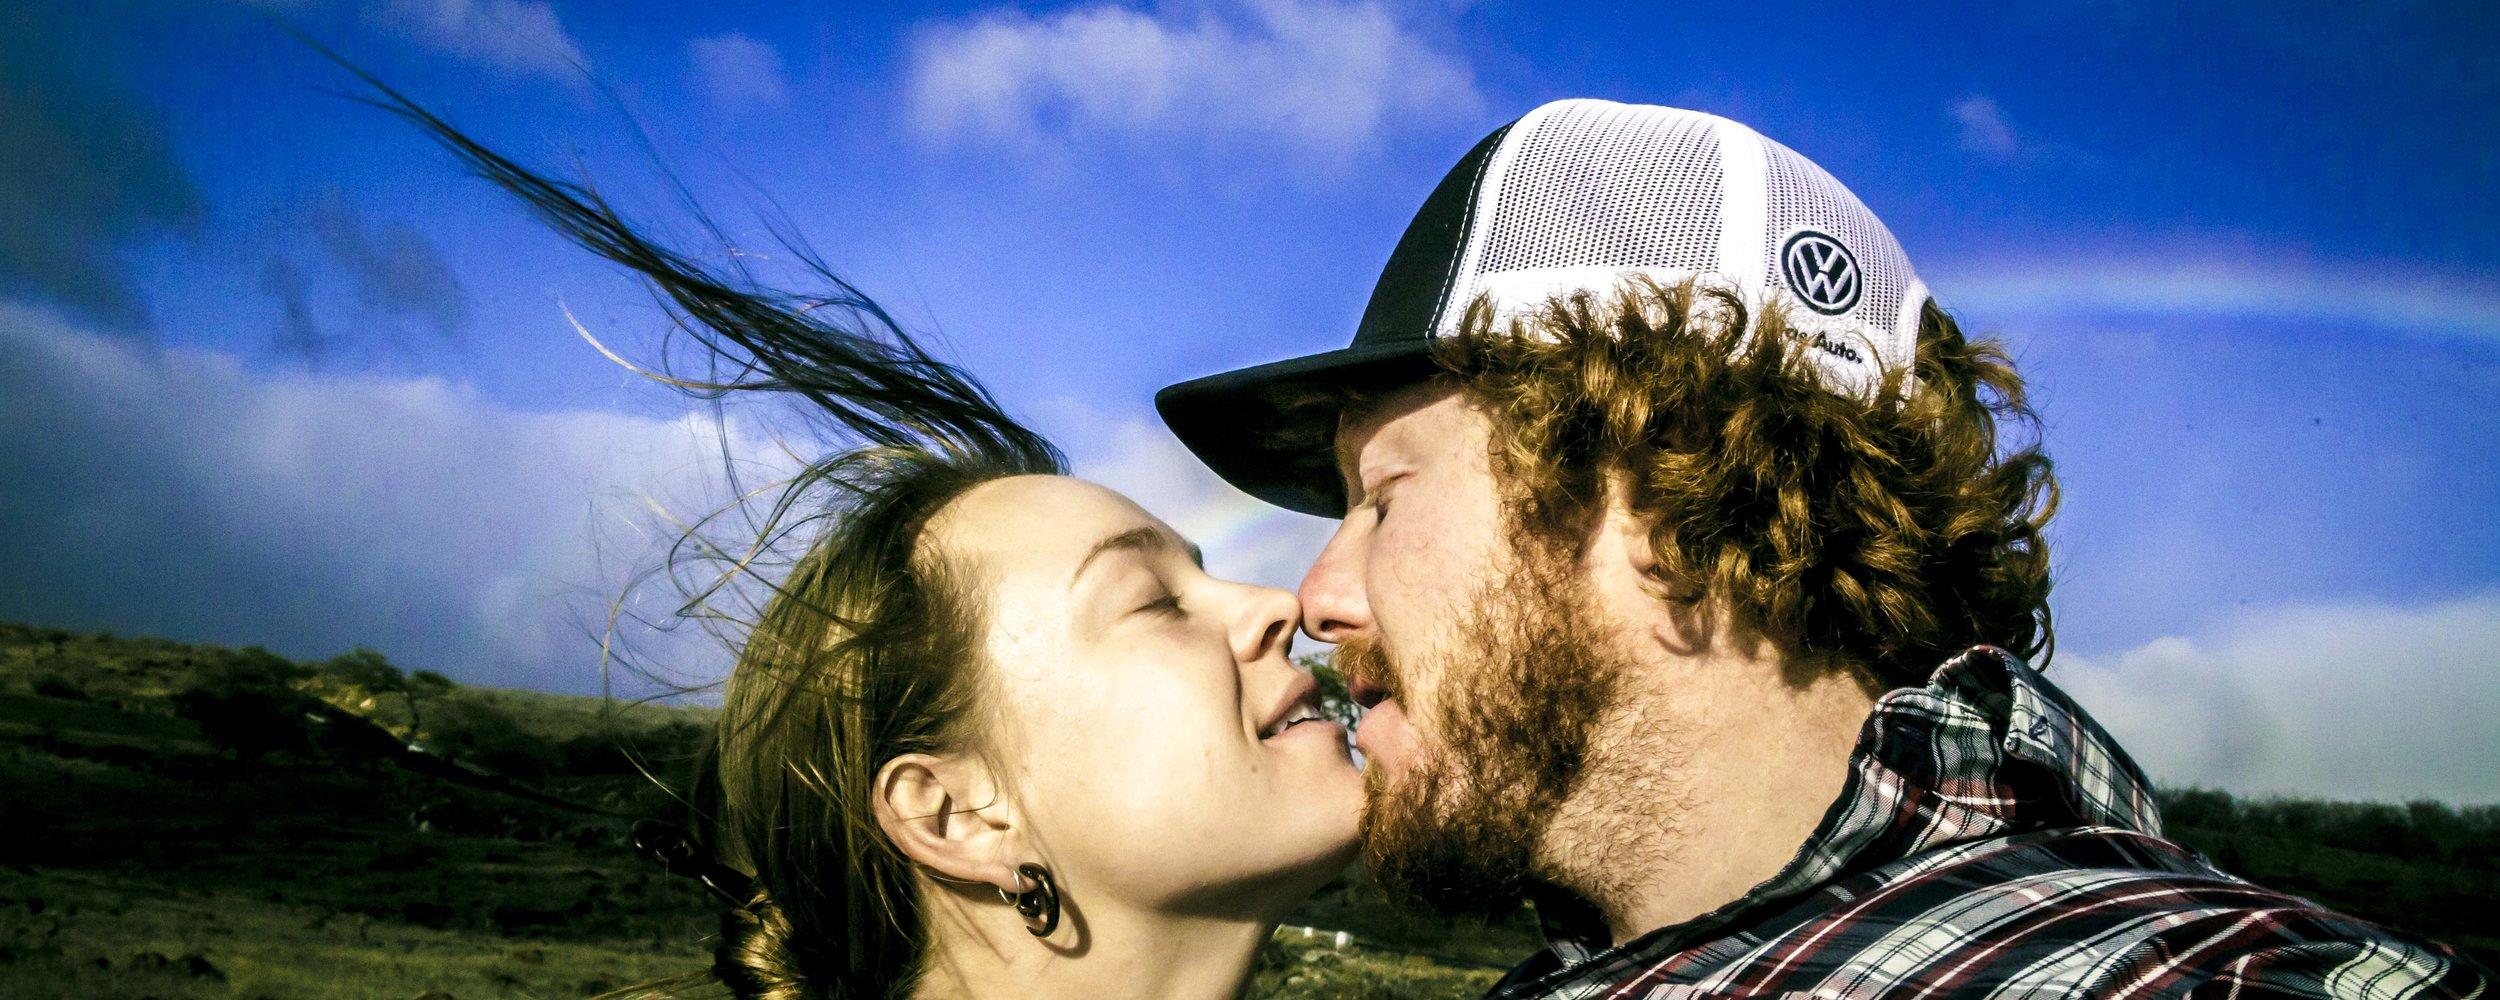 STEPH & JULIAN  - We met and fell in love as guides in Alaska in 2010.